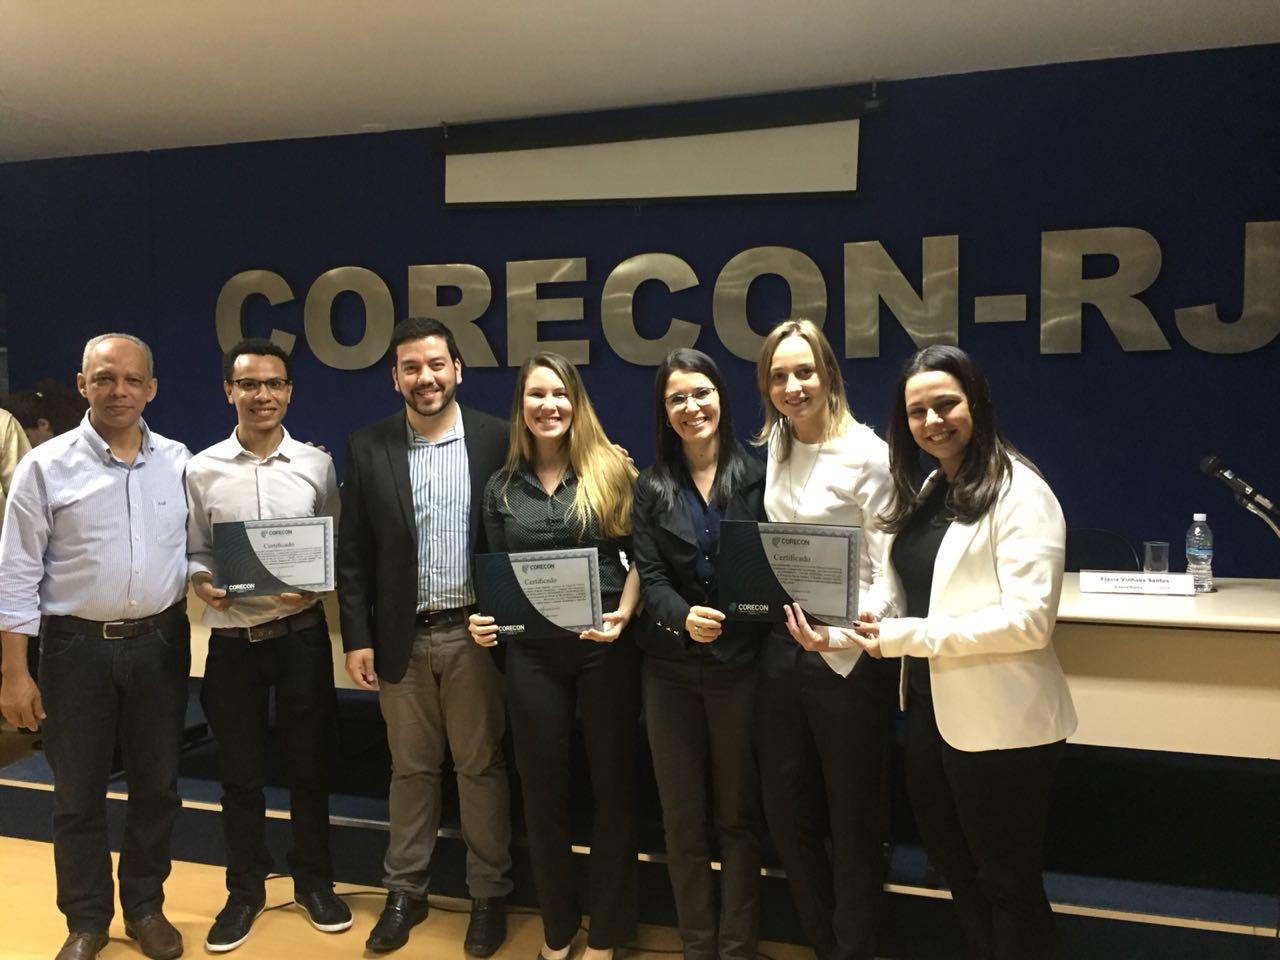 Alunos e professores do curso de Ciências Econômicas de Campos recebem premiação no Corecon-RJ